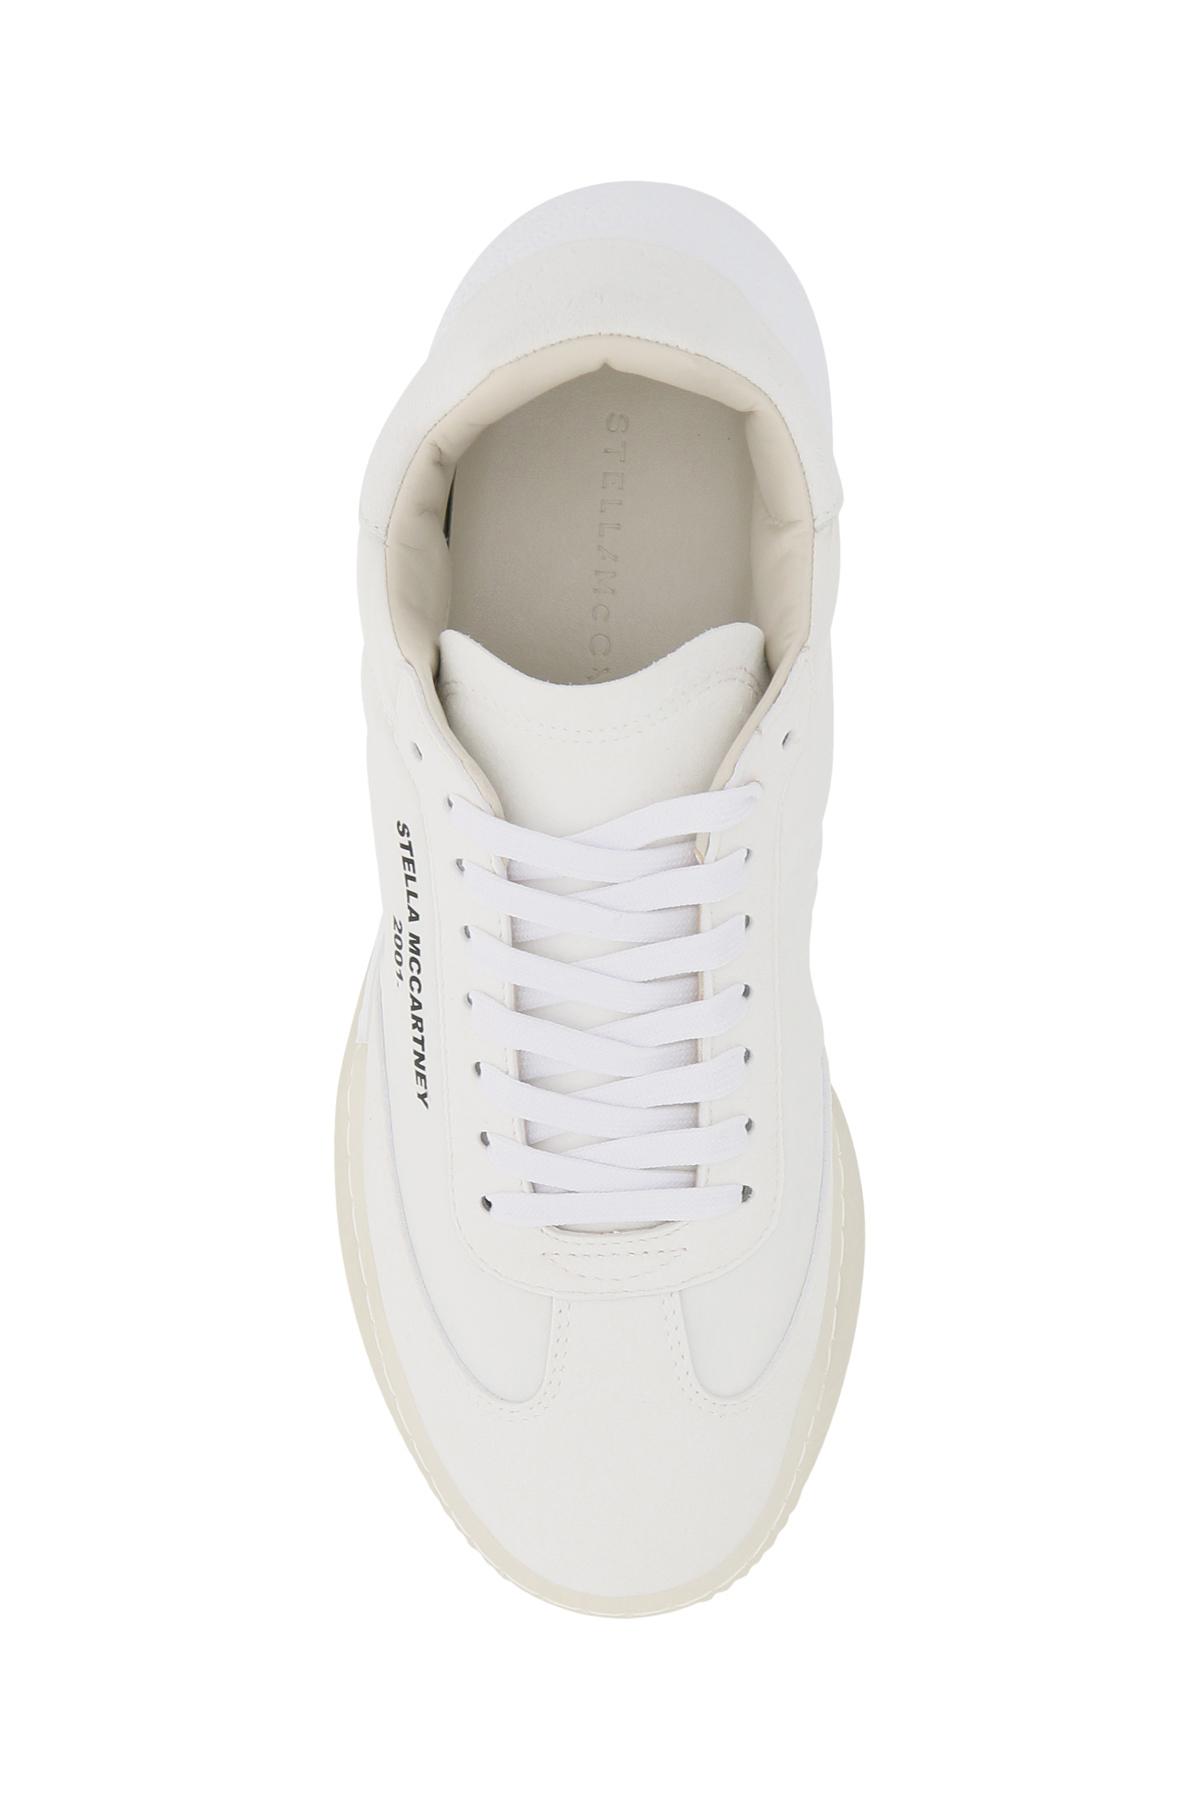 Stella mccartney sneaker loop logo